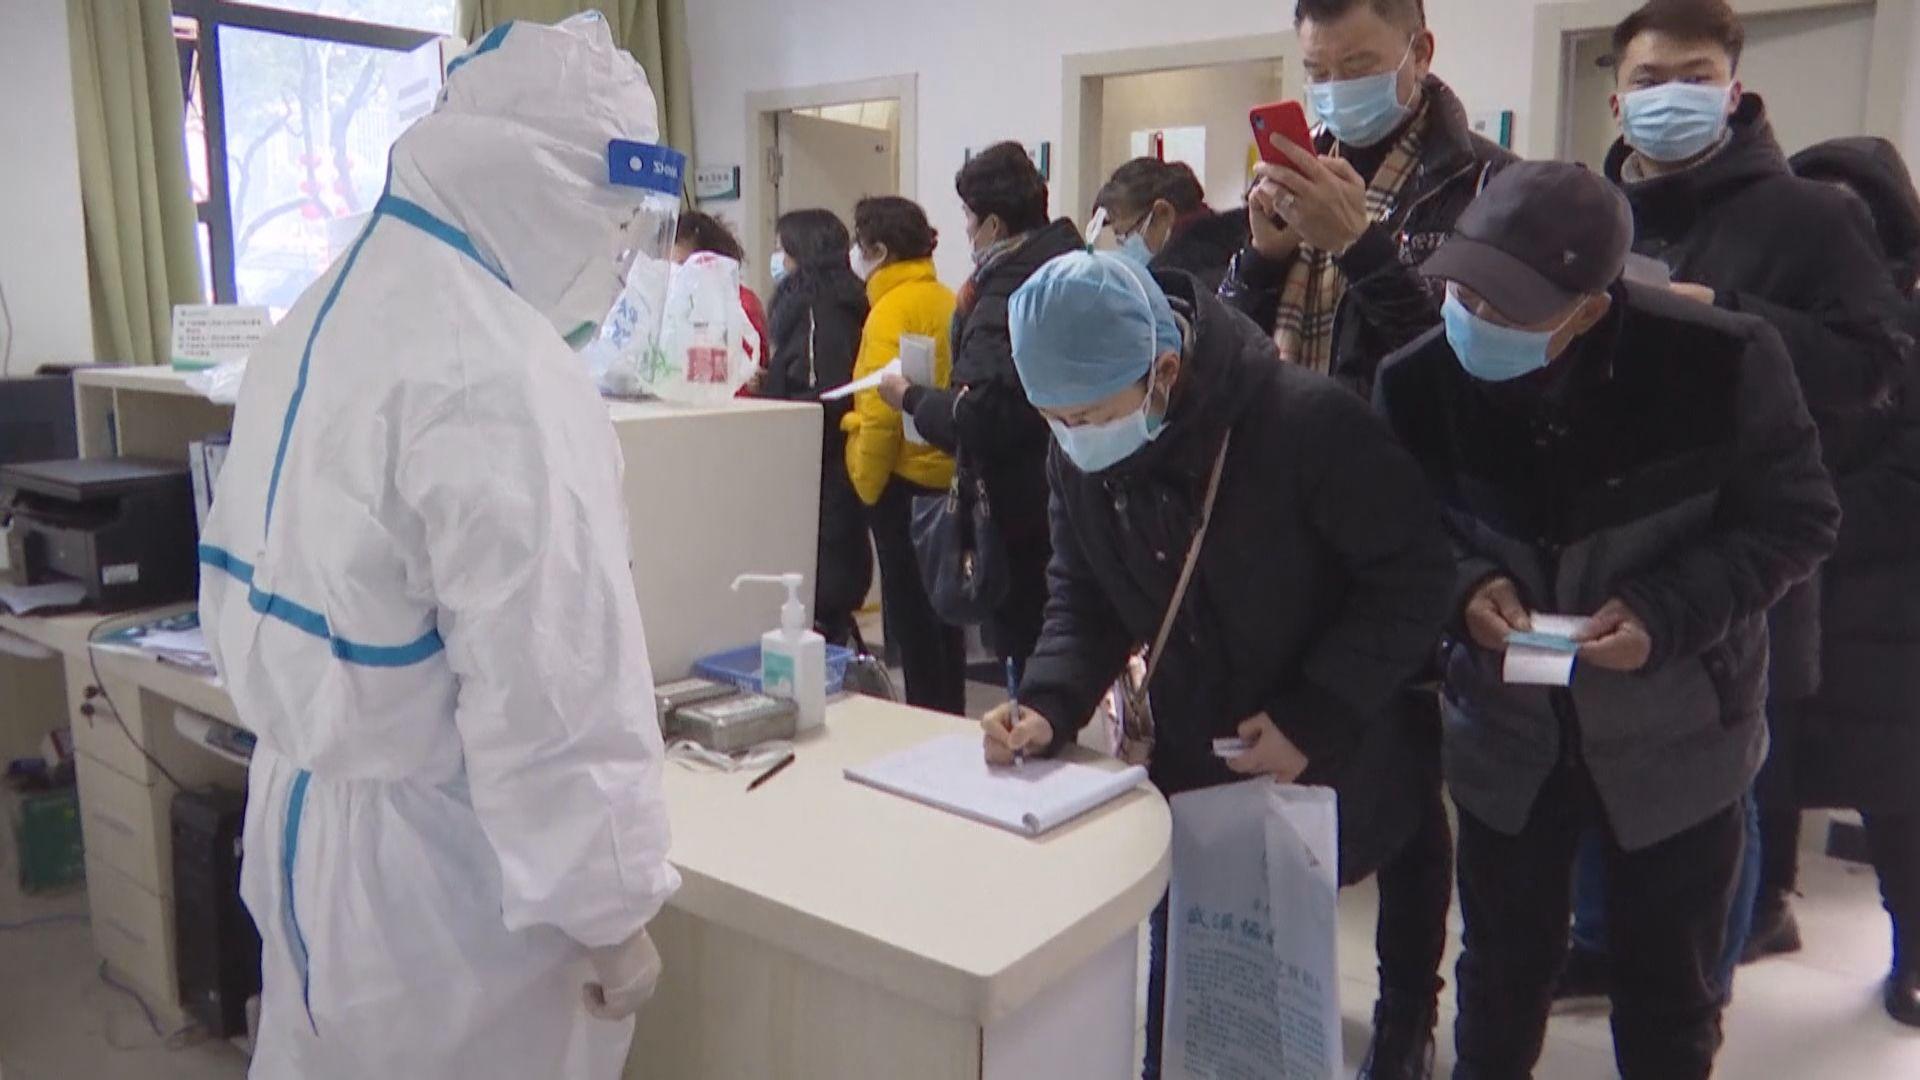 哈爾濱疫情傳至遼寧內蒙 當局指民眾放鬆警惕和醫院防控不足